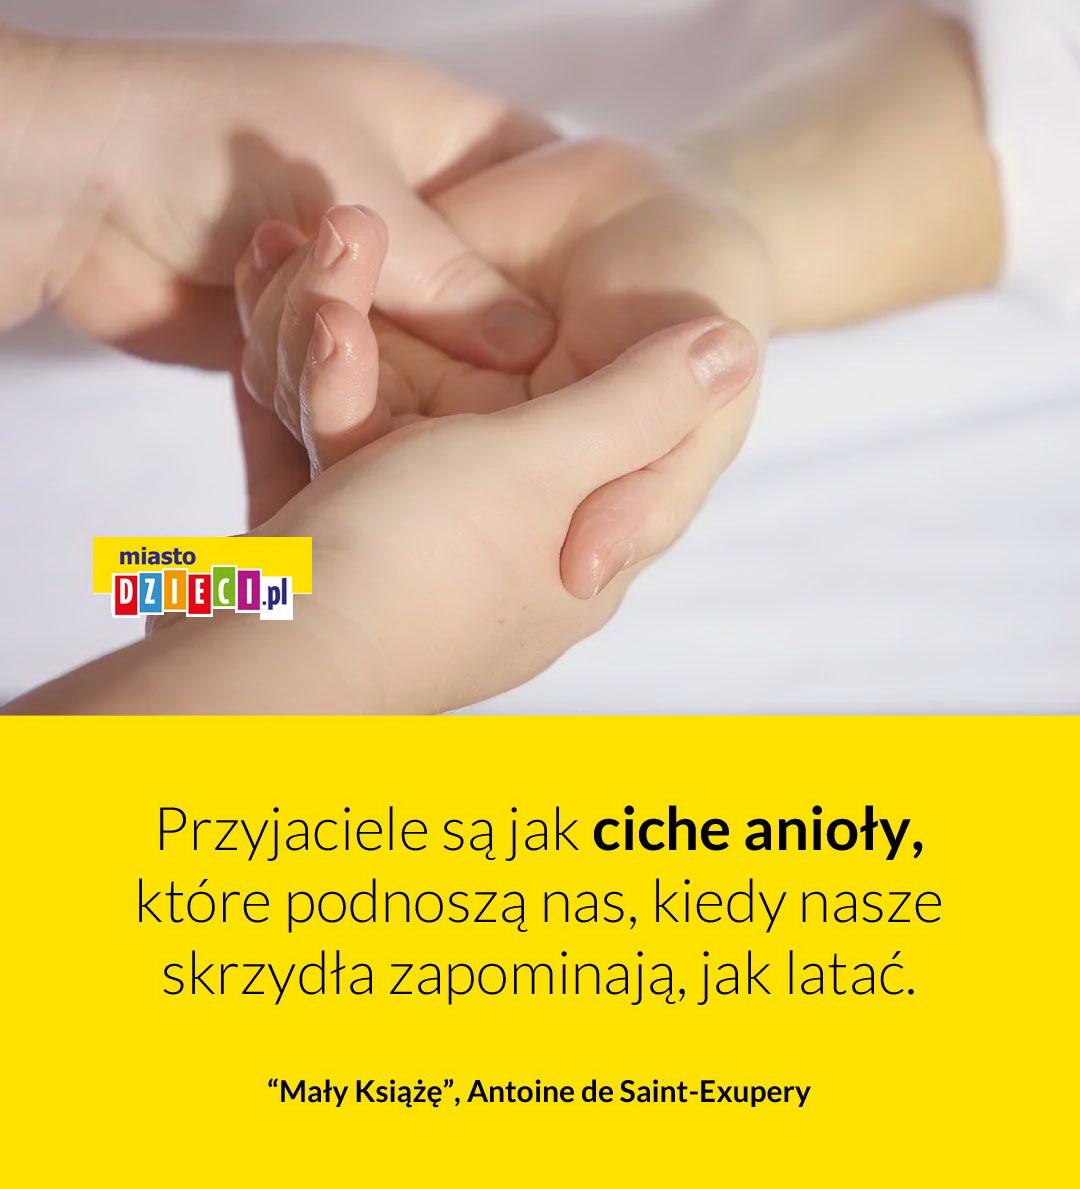 Przyjaciele są jak anioły cytaty z Małego Księcia o przyjaźni